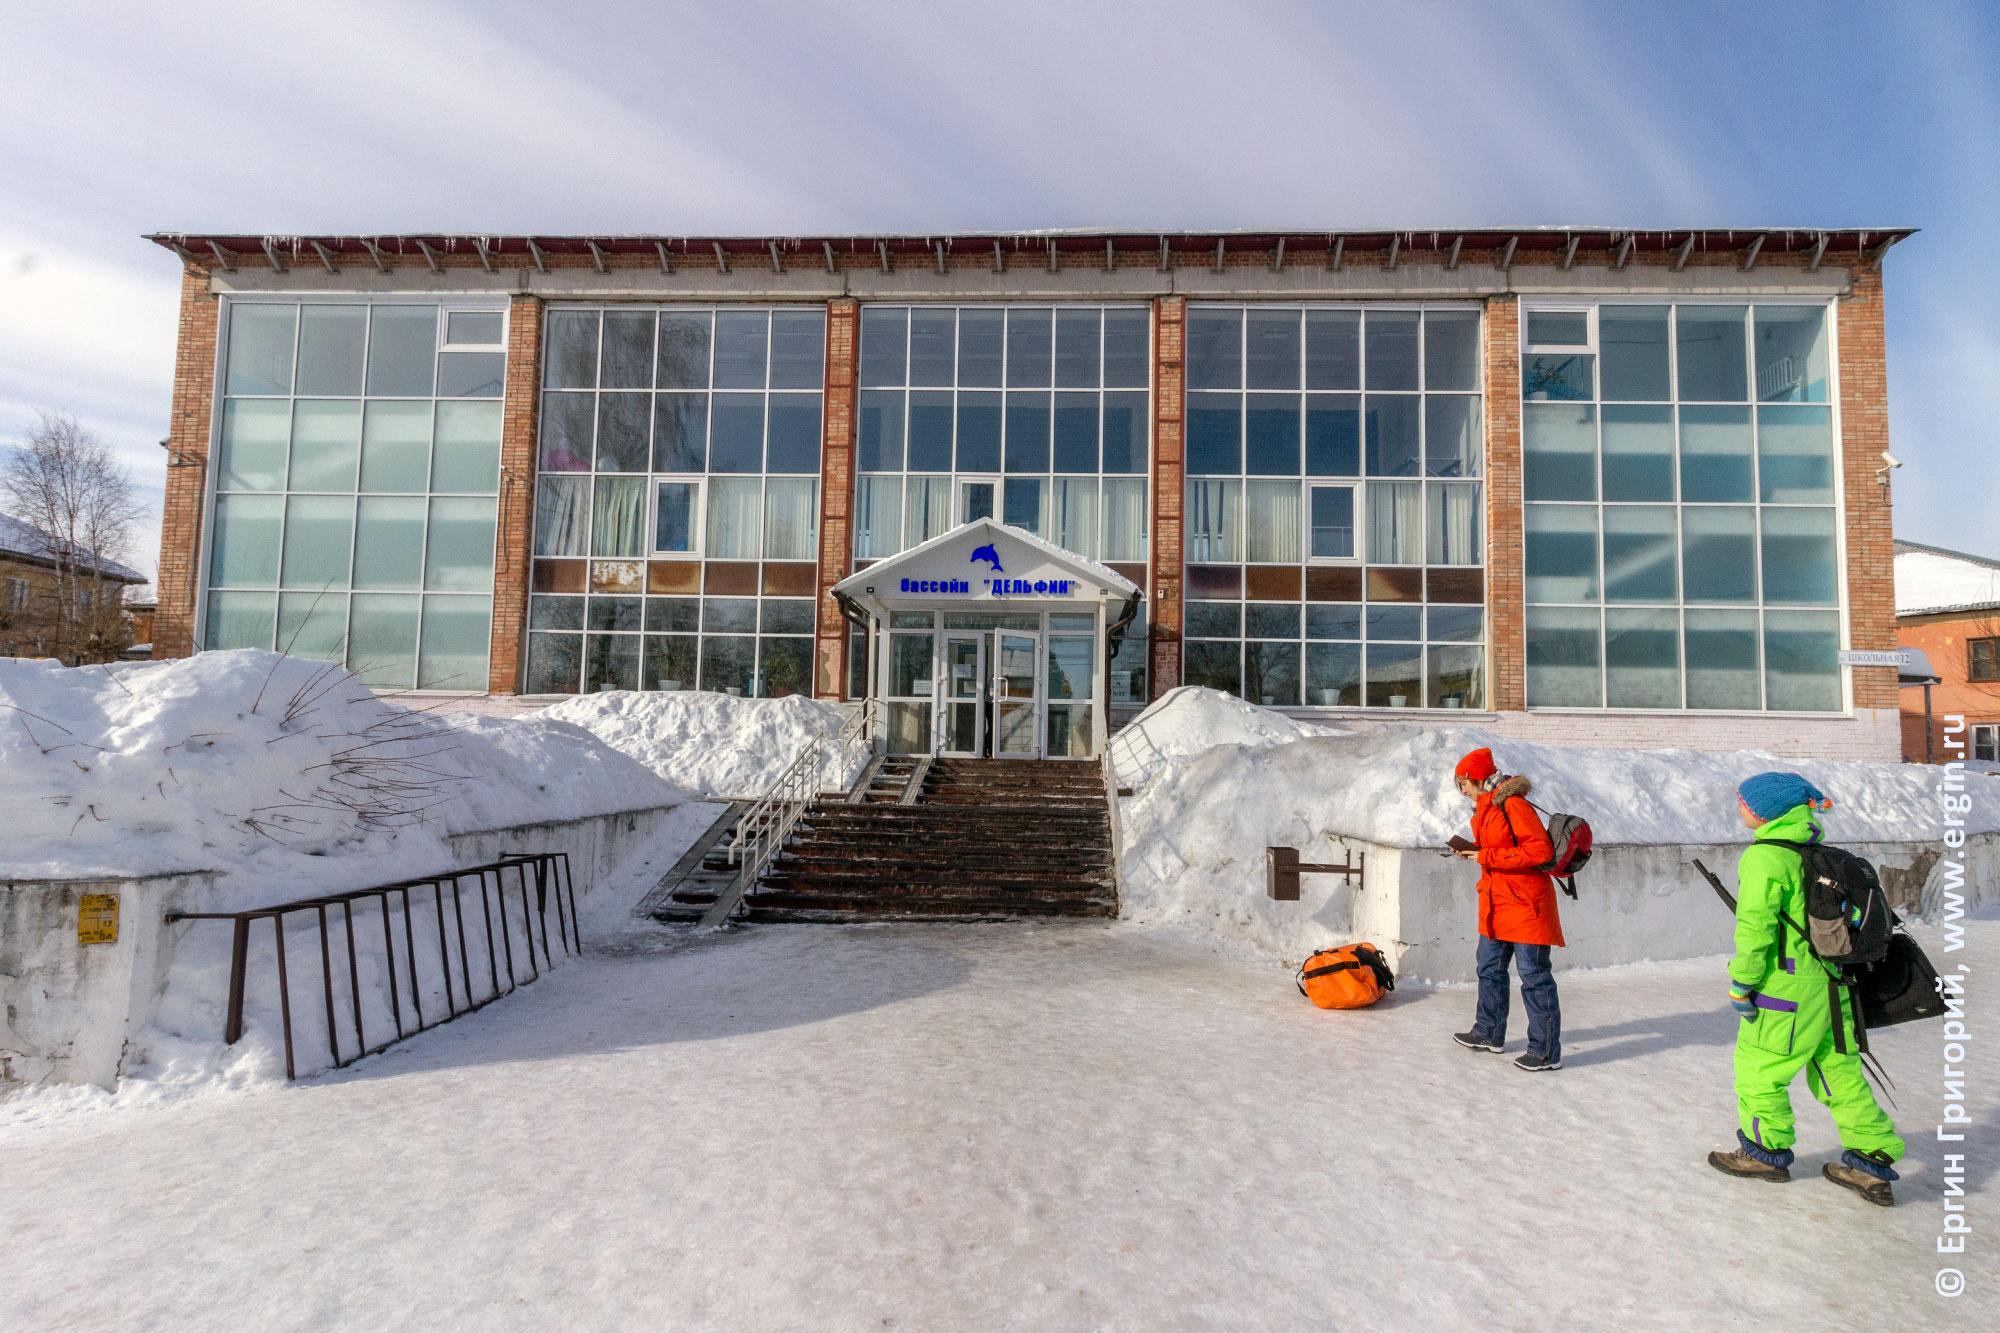 Здание бассейна для каякинга Дельфин в Краснокамске